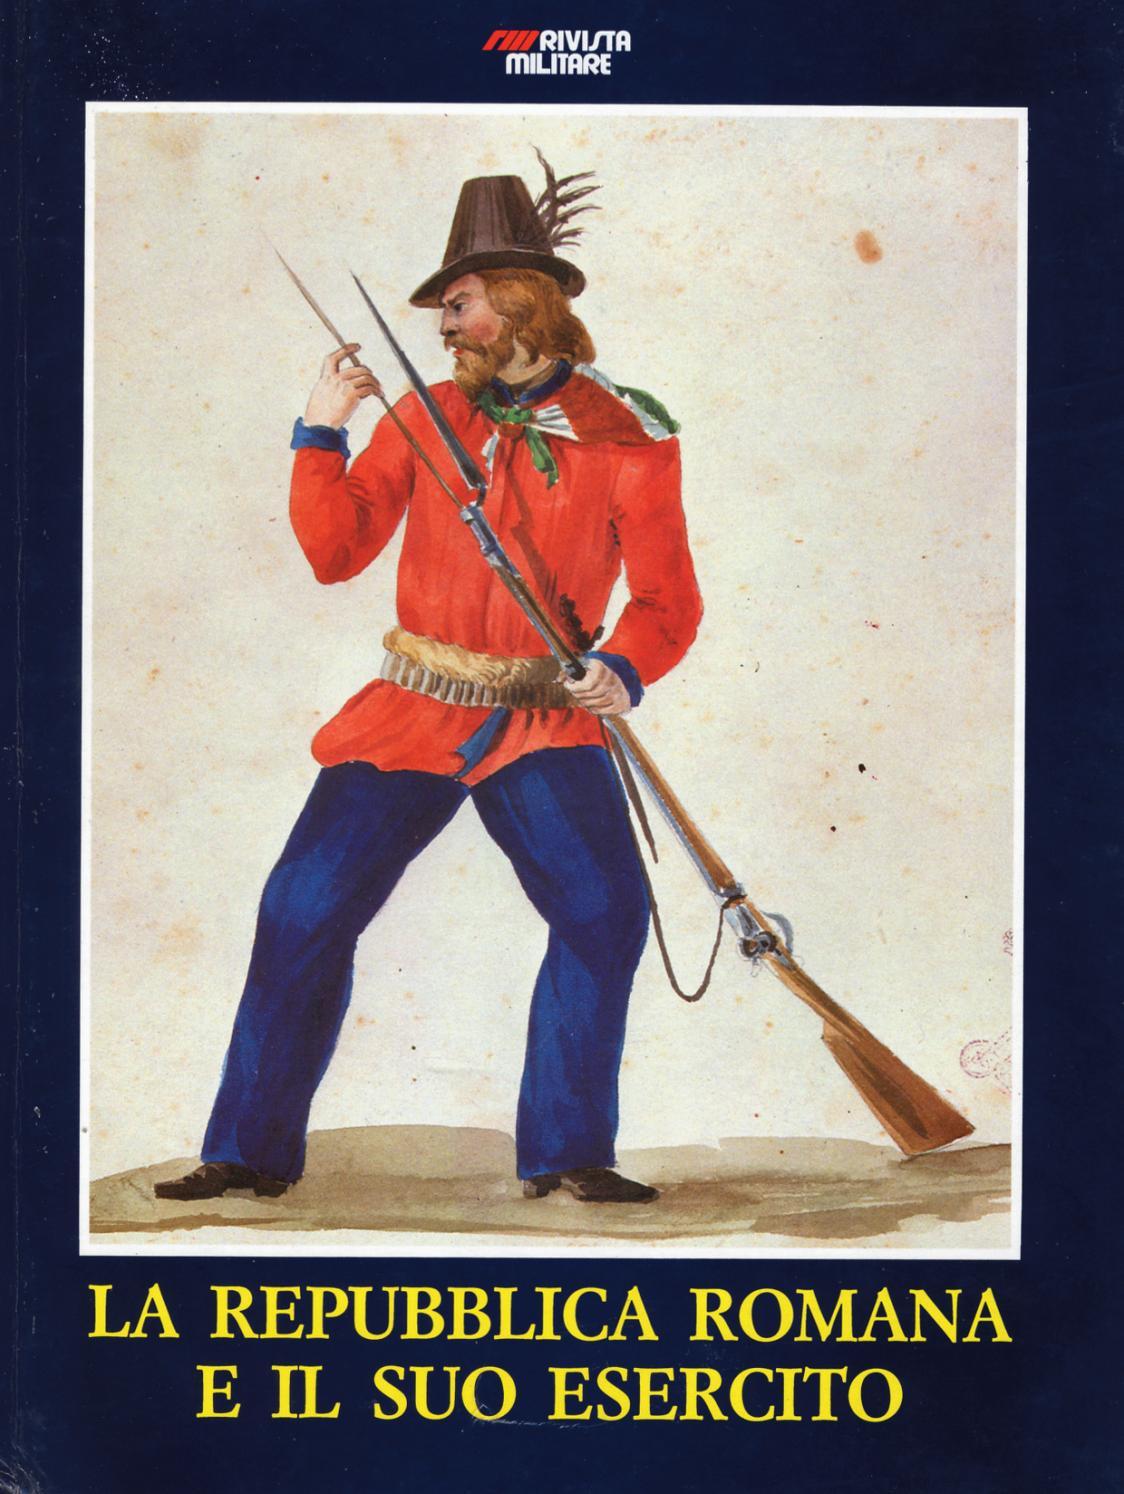 LA REPUBBLICA ROMANA E IL SUO ESERCITO by Biblioteca Militare - issuu b40cc16a5ff1